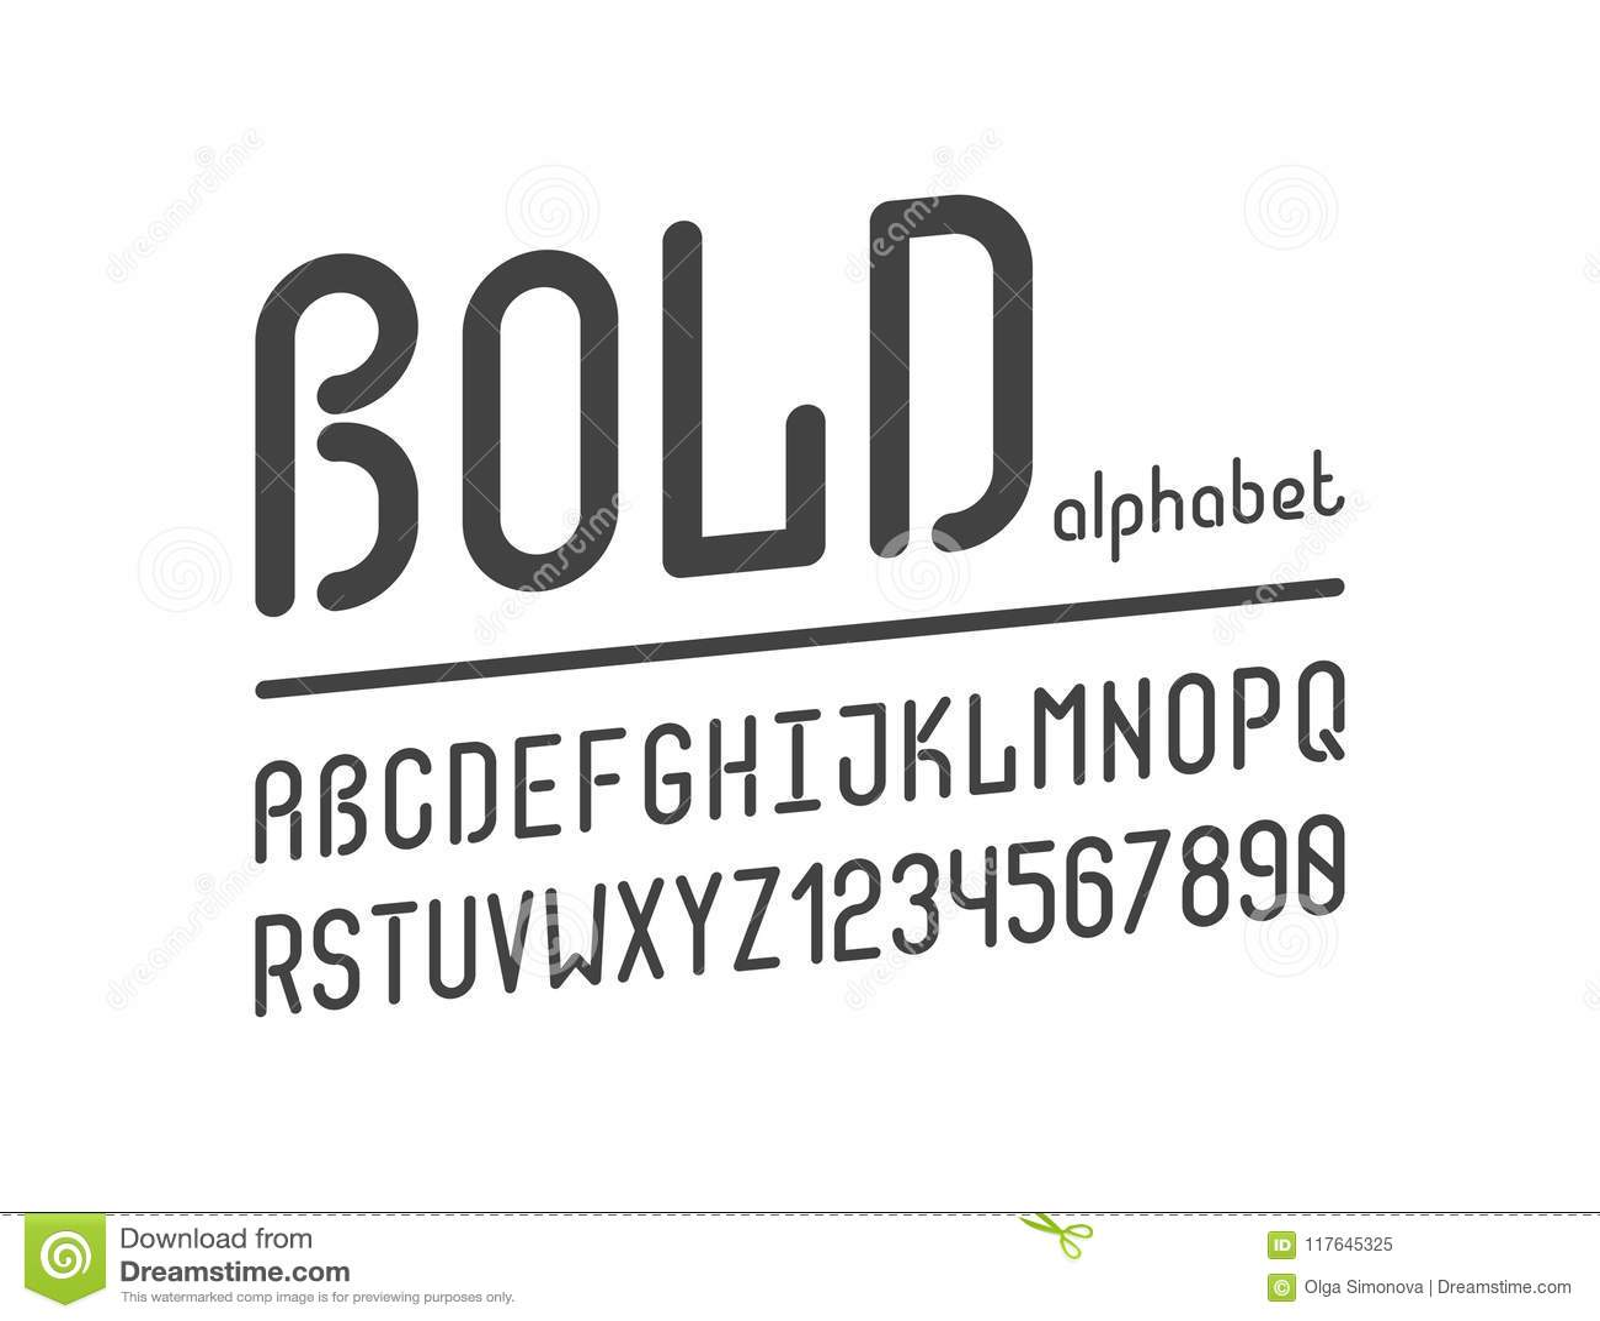 The bold retro creative font.